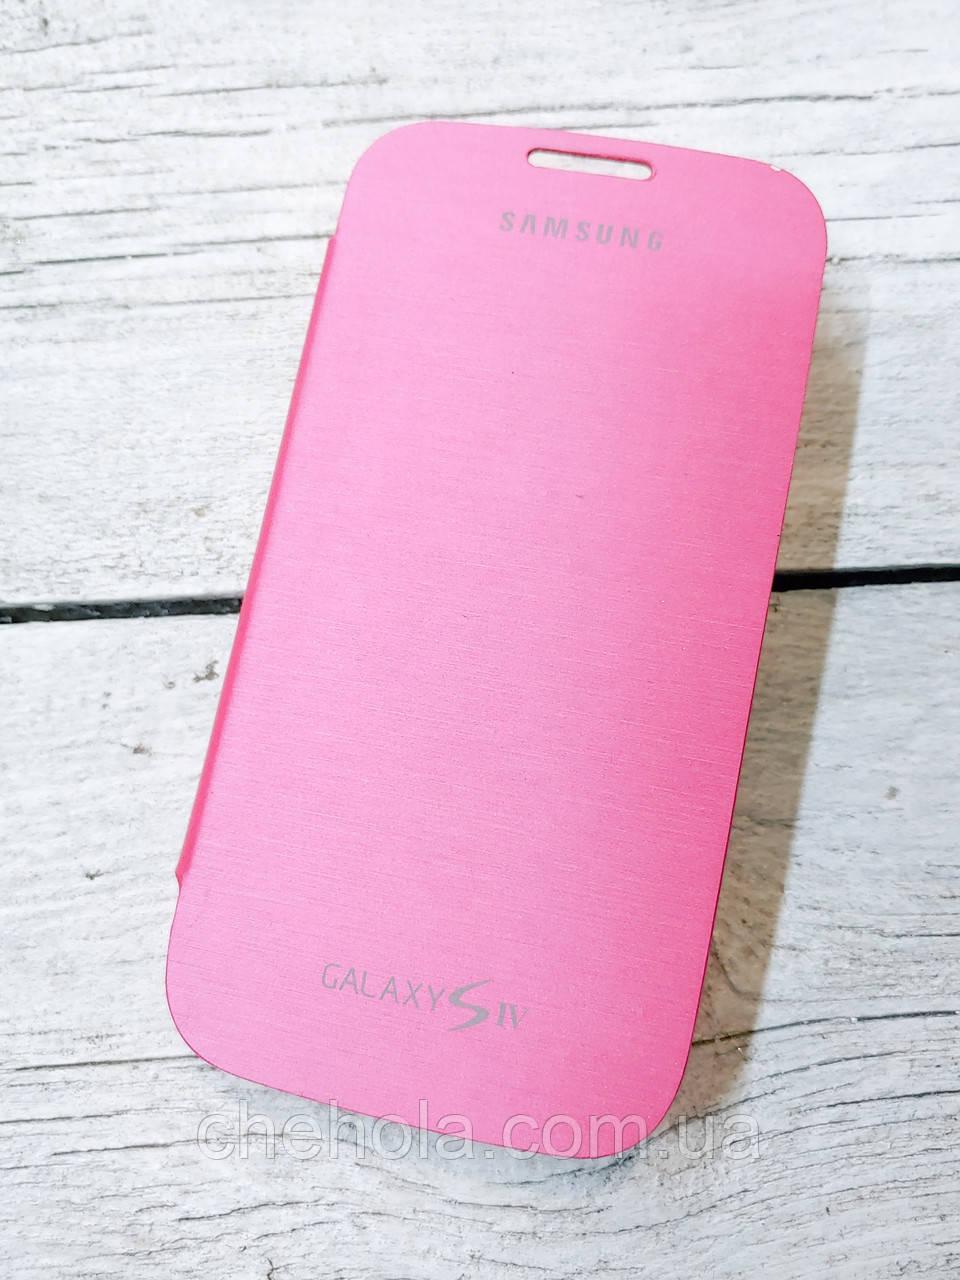 Чехол книжка для Samsung Galaxy S4 i9500 Flip Cover накладка бампер противоударный розовый